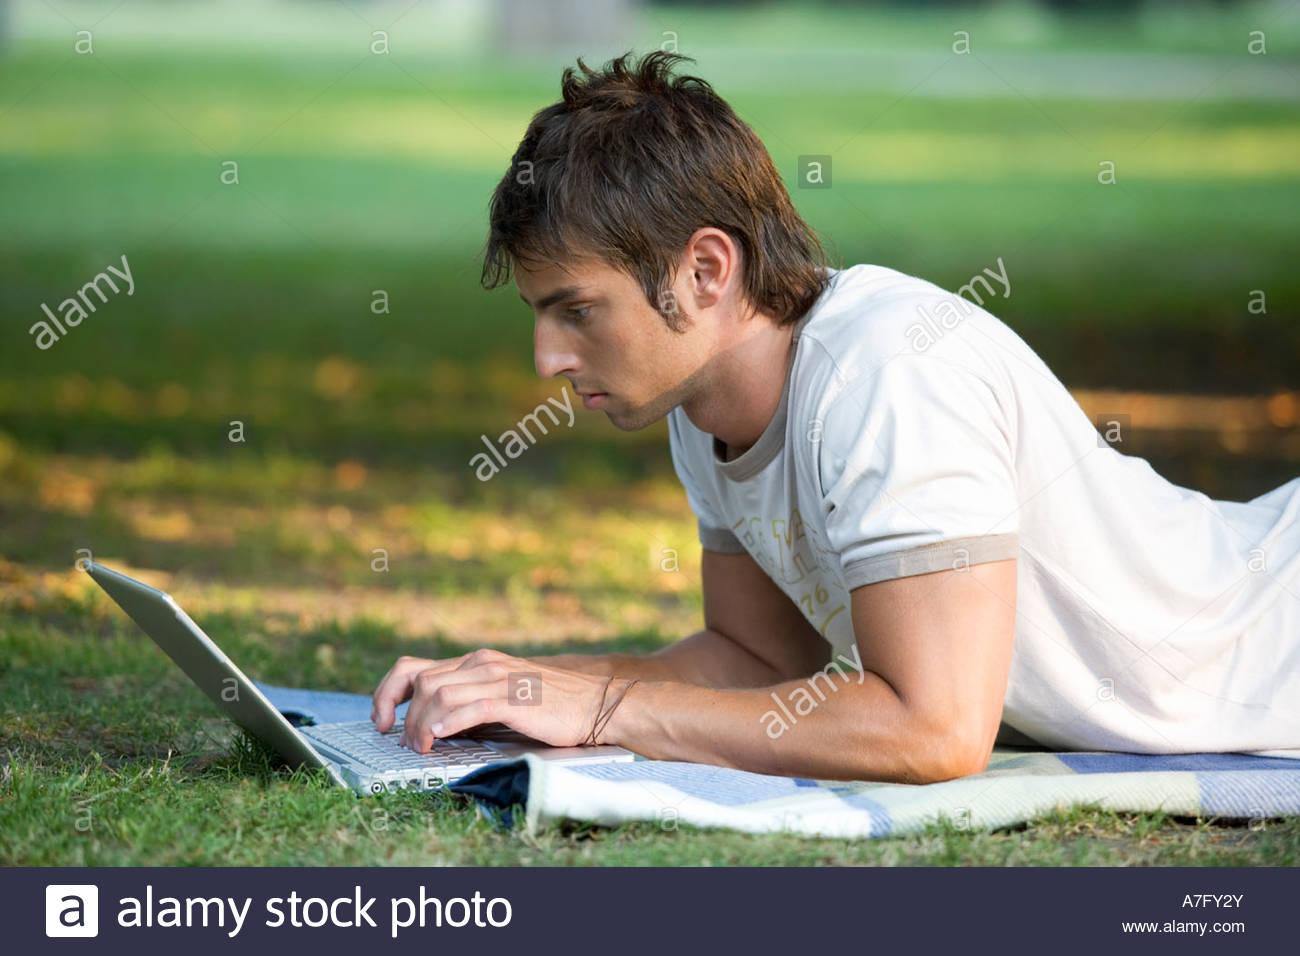 Un ragazzo adolescente lavora su un computer portatile in un parco Immagini Stock